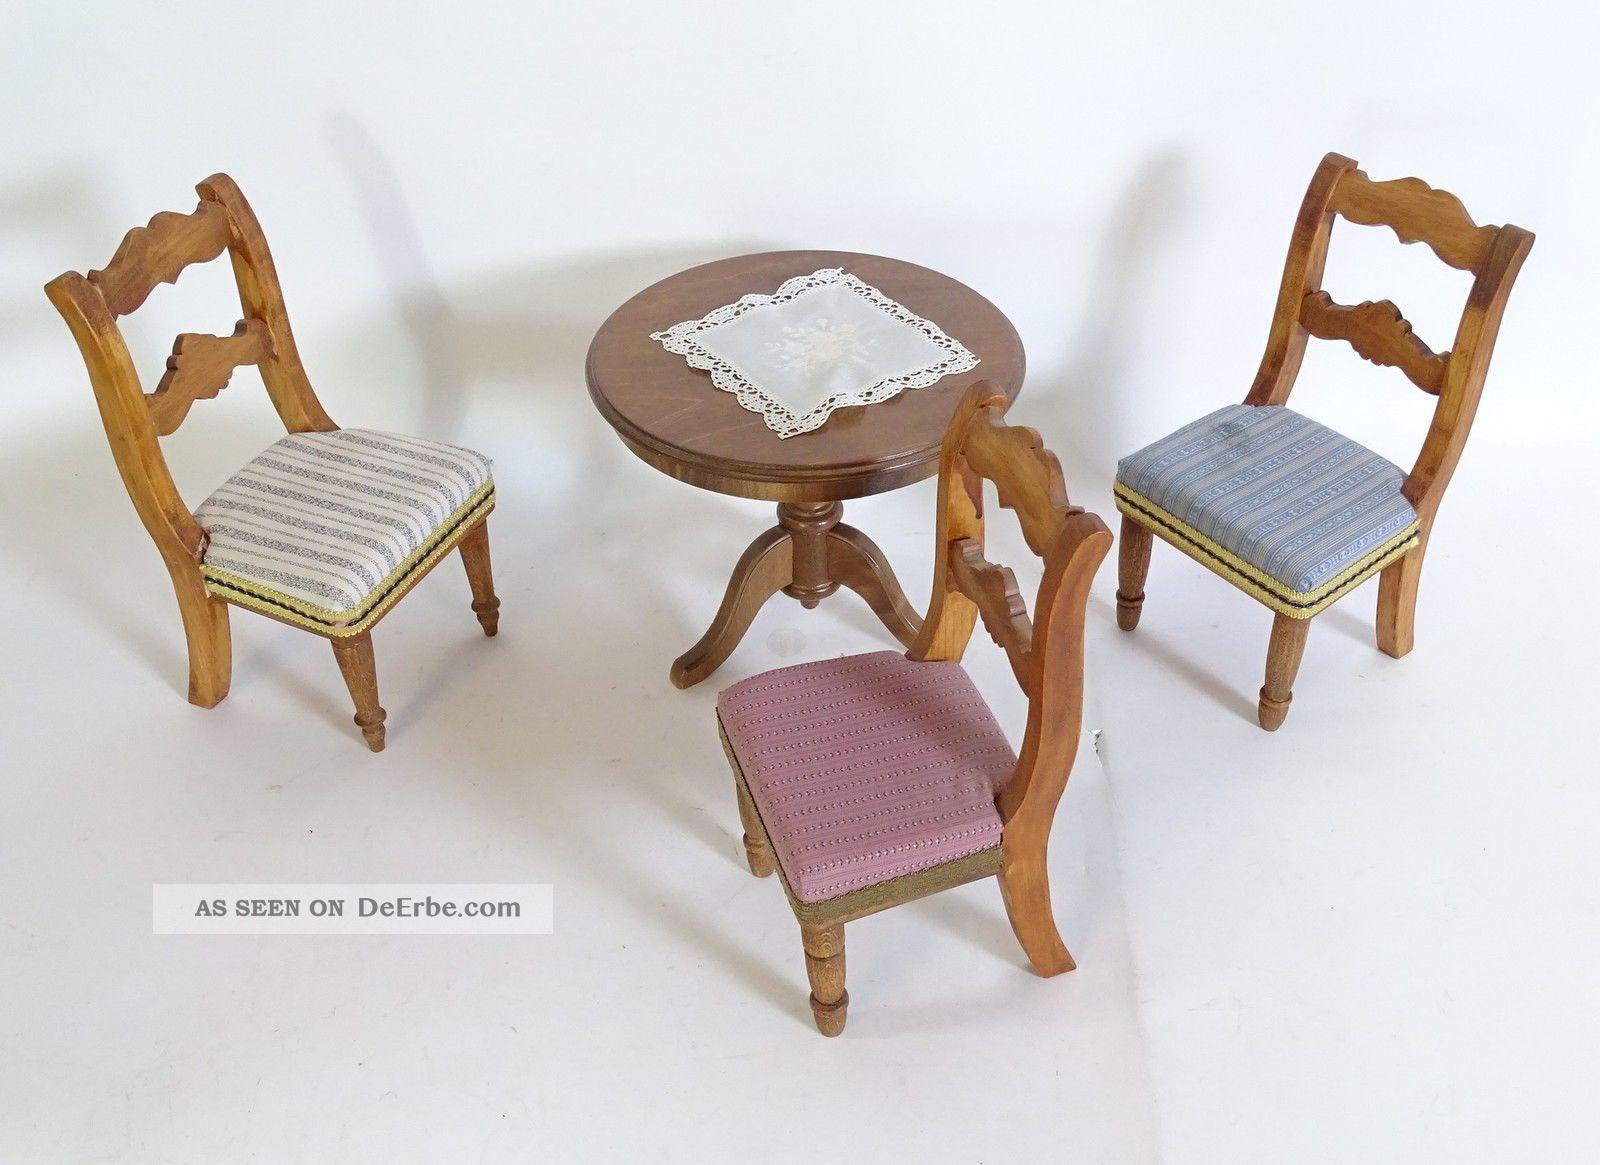 Bodo Hennig Puppenmöbel Wohnzimmertisch 3 Stühle Accessoires Möbel Nostalgieware, nach 1970 Bild